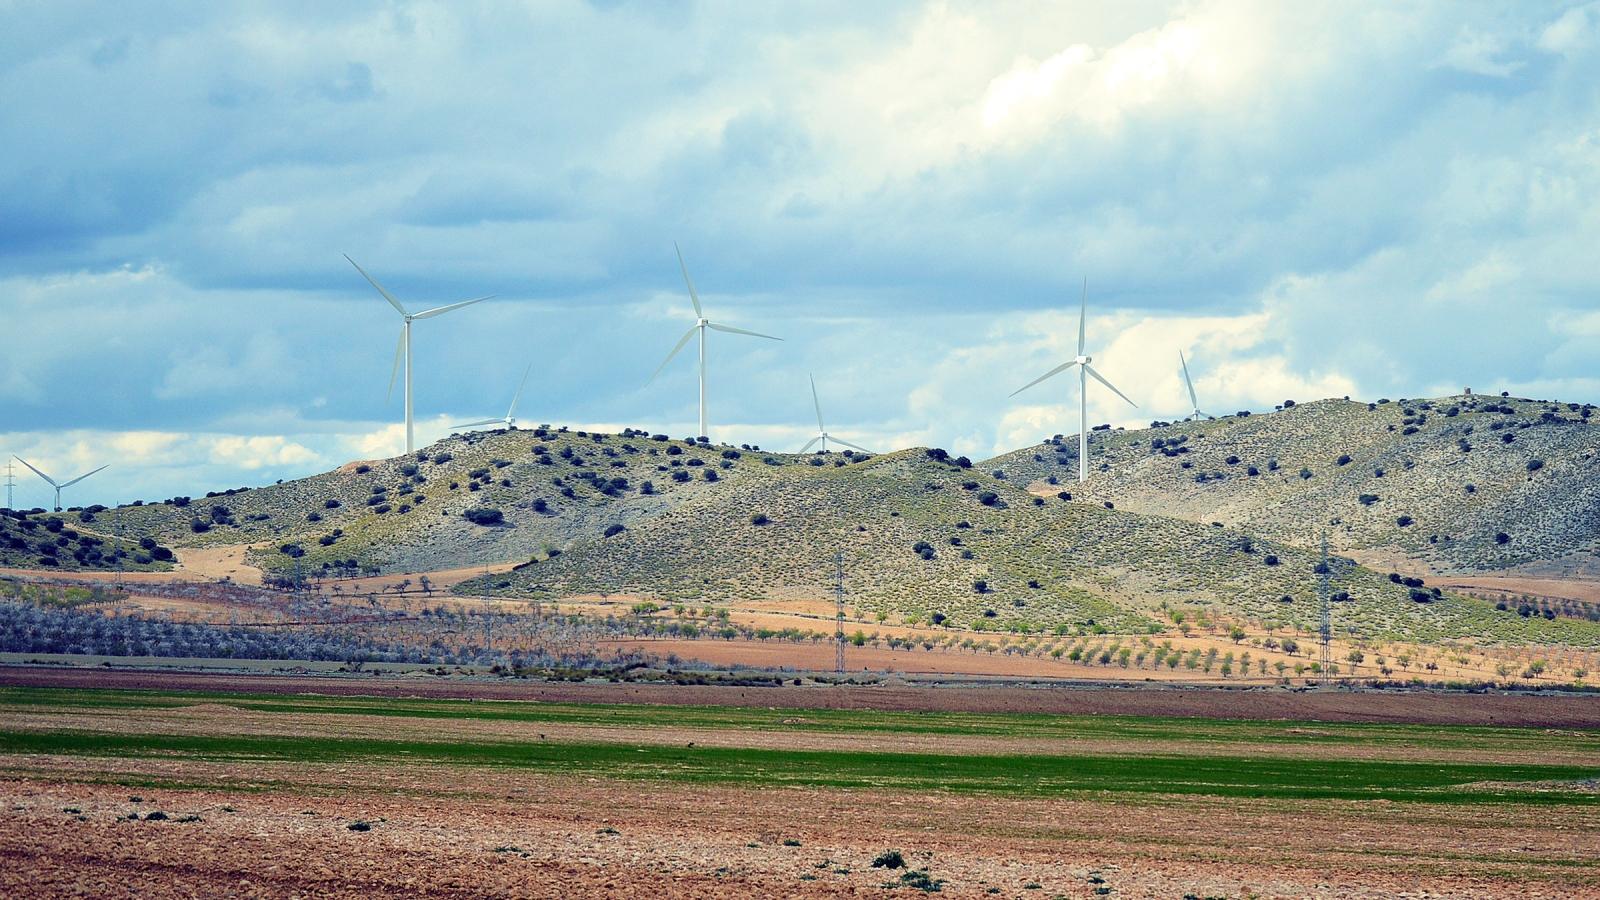 Spania satser tungt på vindparker for å minske avhengigheten av kull og olje, som her i Andalucia. Foto: Q K, Pixabay.